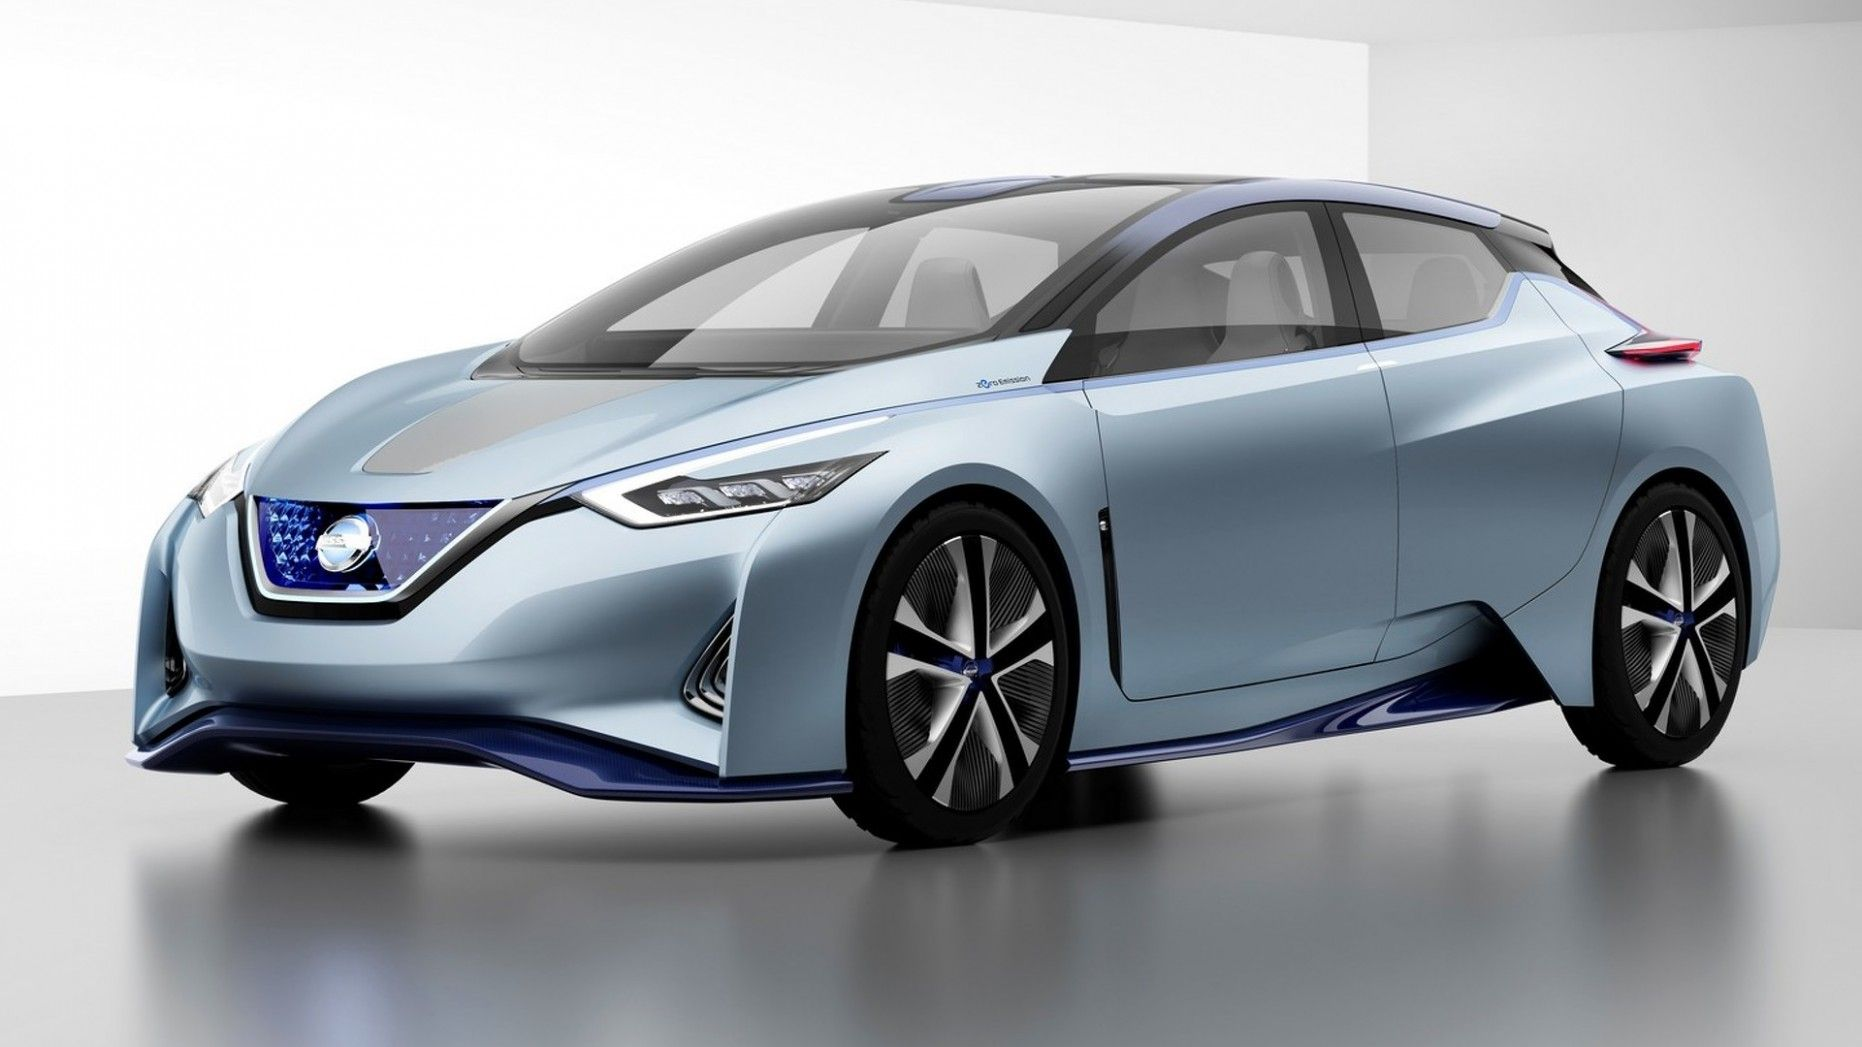 2021 Nissan Leaf (With images) Nissan leaf, Nissan